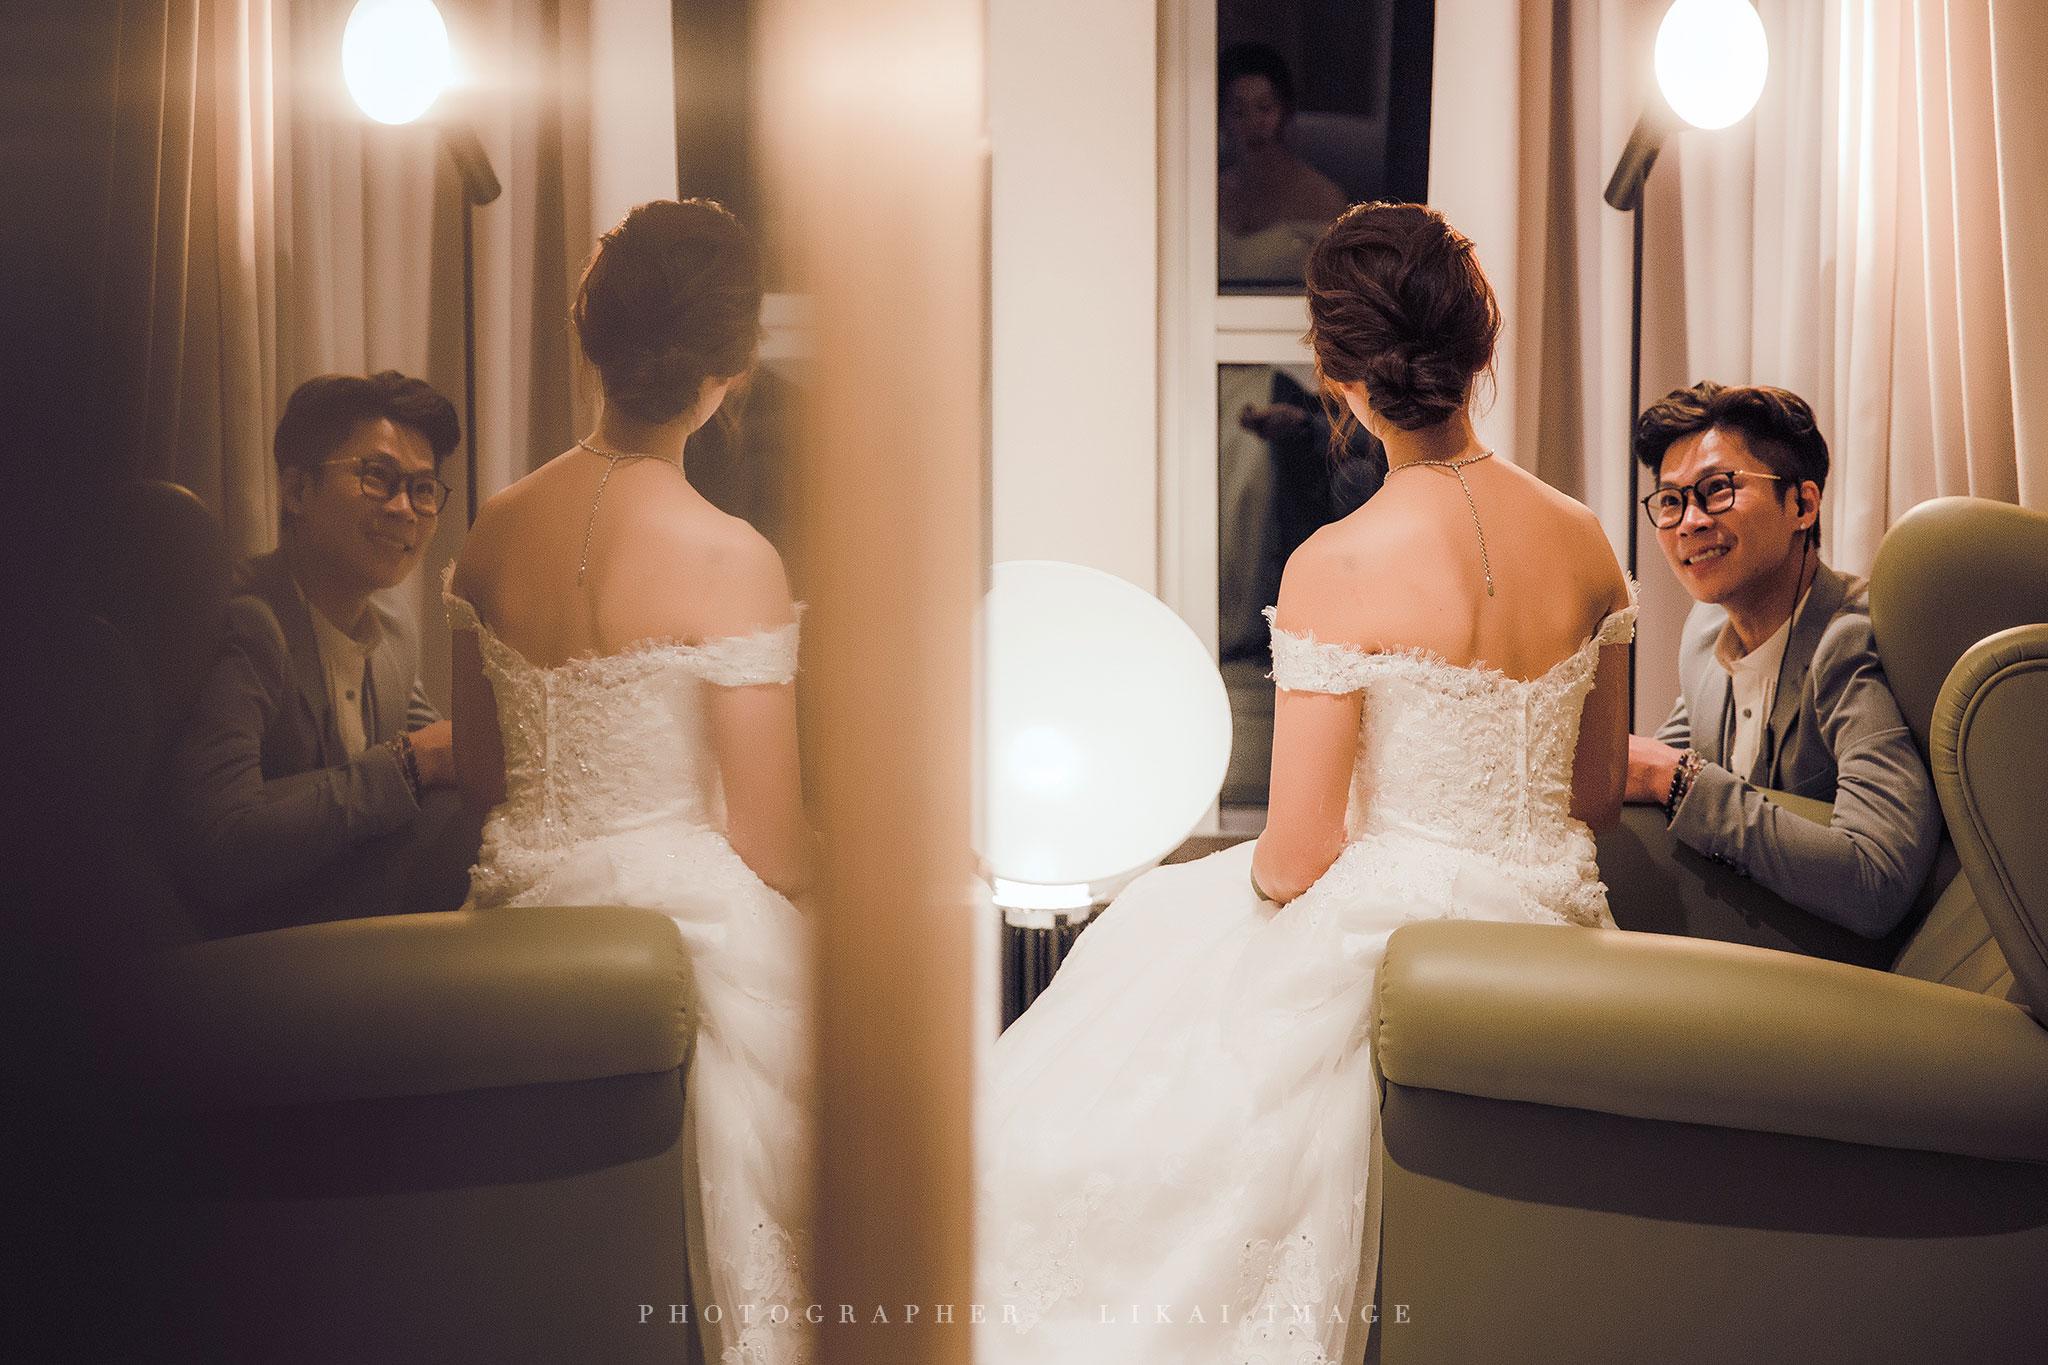 婚禮紀錄 - 安晴 & 泰銓 - 喜來登酒店